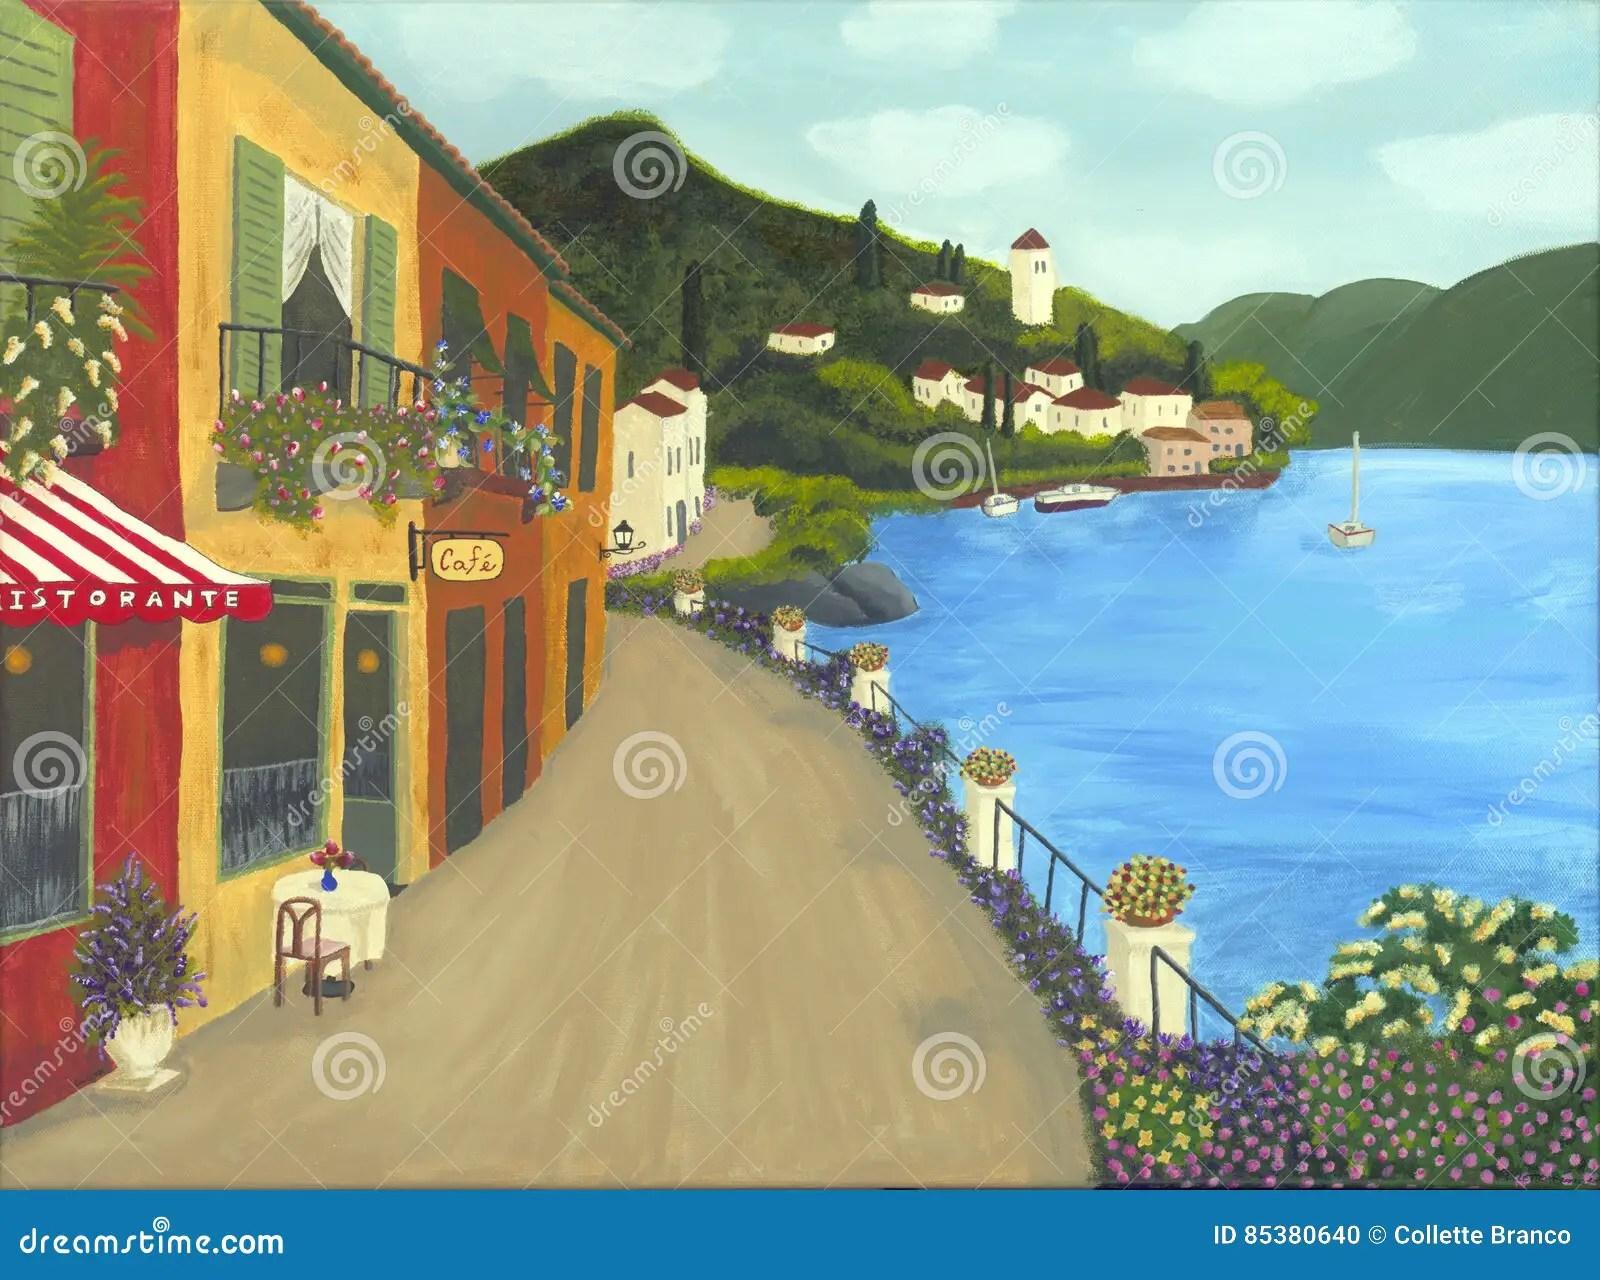 Niederlandische Maler In Italien Kunstlerreisen Und